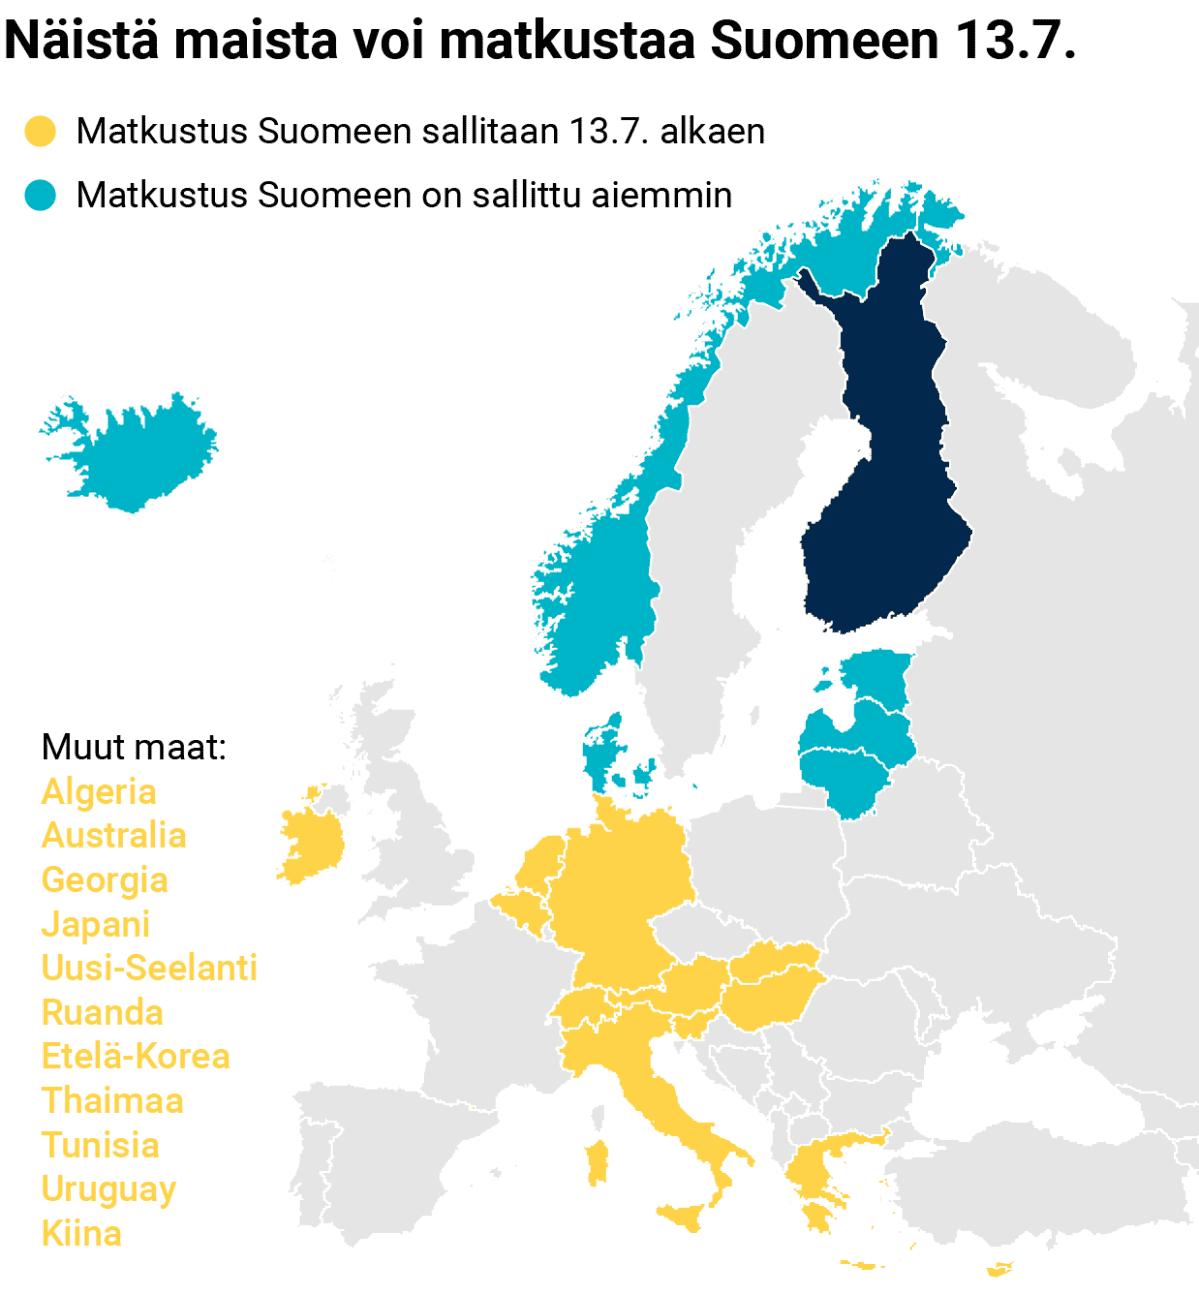 Näistä Euroopan maista voi matkustaa Suomeen 13.7. alkaen: Hollanti, Belgia, Italia, Itävalta, Kreikka, Malta, Saksa, Slovenia, Slovakia, Unkari, Sveitsi ja Liechtenstein sekä Kypros, Irlanti, Andorra, San Marino ja Vatikaani. Norjasta, Tanskasta, Islannista, Virosta, Latviasta ja Liettuasta matkustaminen on sallittu jo aiemmin. Ja näistä Euroopan ulkopuolisista maista matkustaminen sallitaan Suomeen 13.7. alkaen: Algeria, Australia, Georgia, Japani, Uusi-Seelanti, Ruanda, Etelä-Korea, Thaimaa, Tunisia, Uruguay ja Kiina.